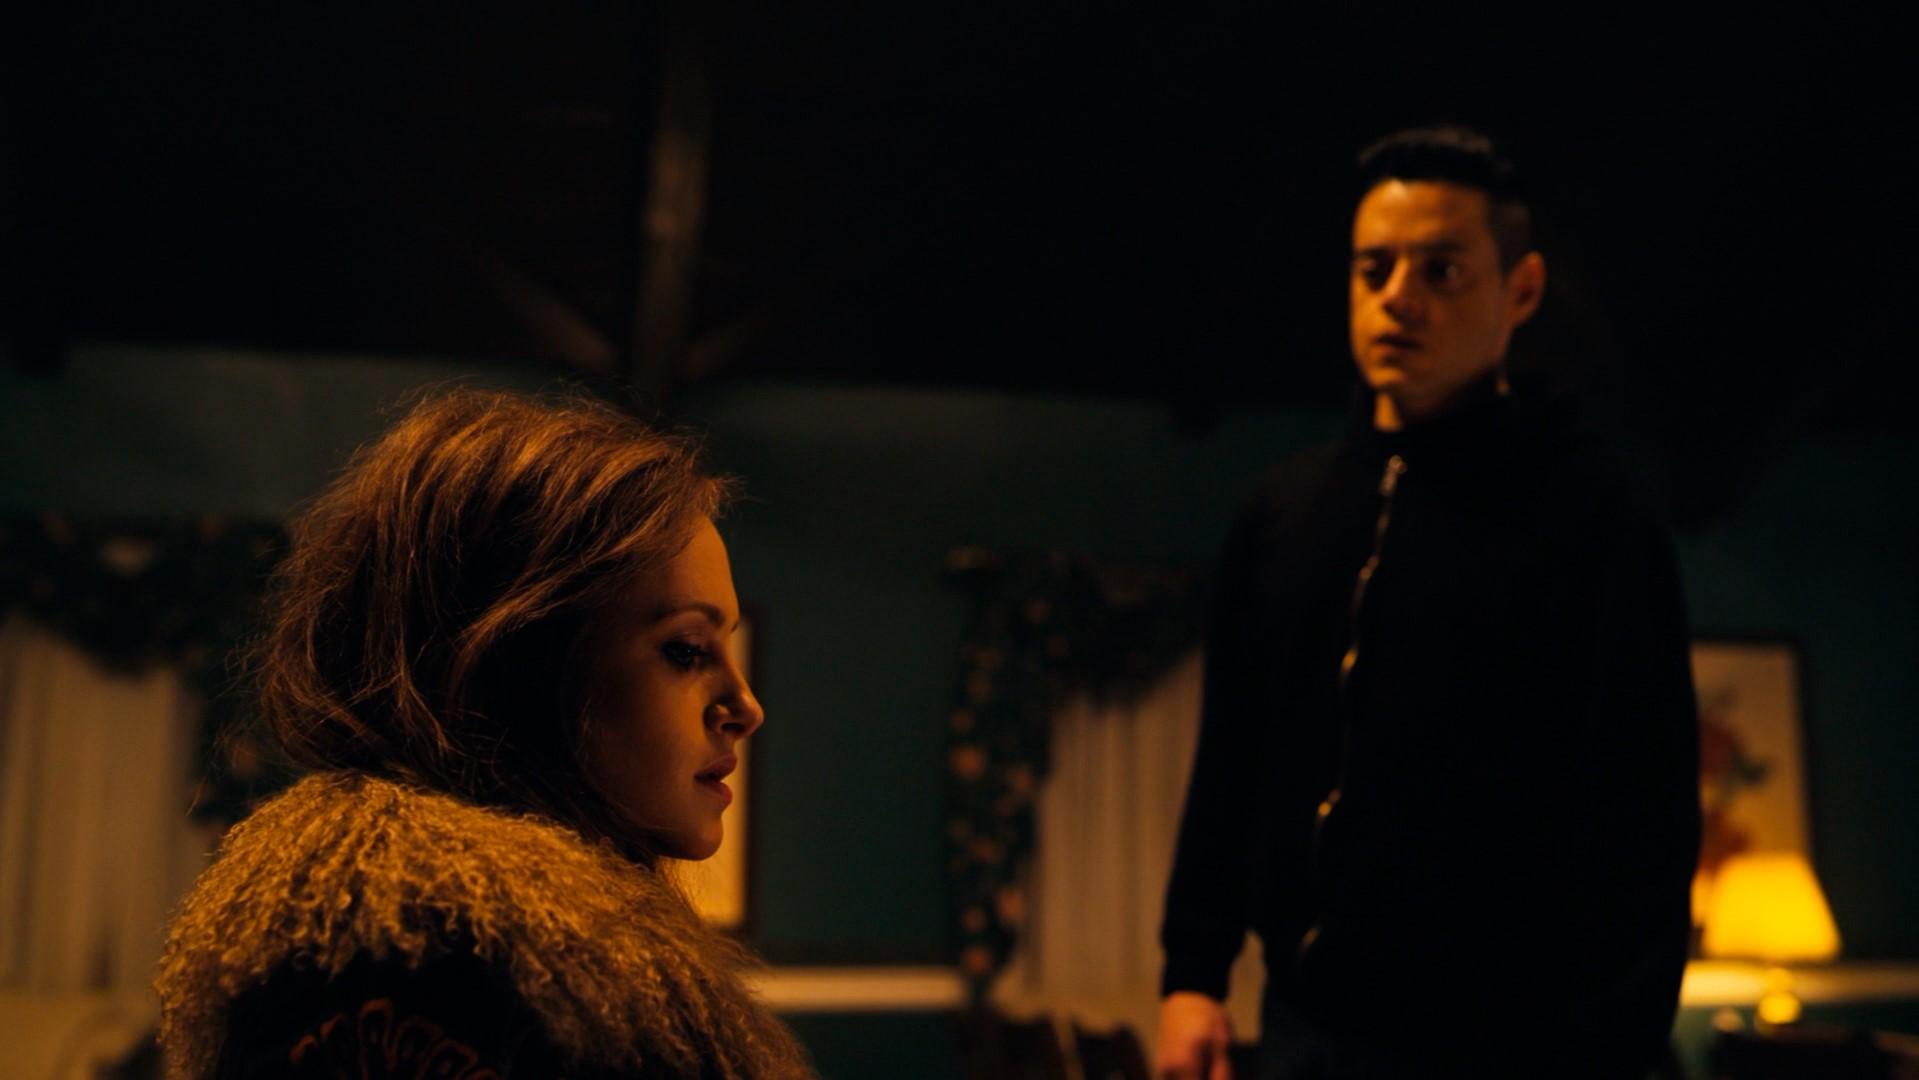 Elliot em pé ao lado de Darlene que está sentada